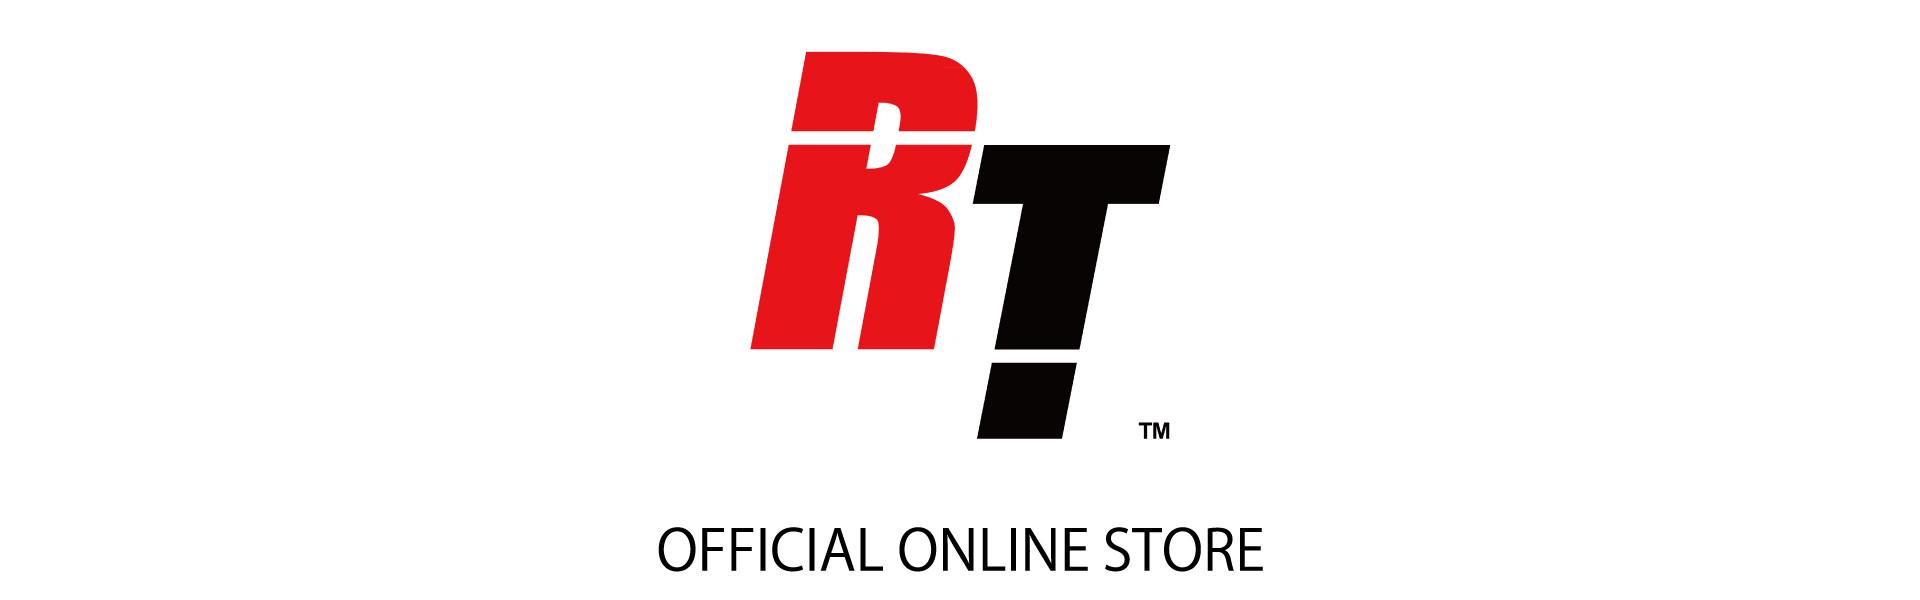 レッドスターカンパニーRT公式オンラインストア